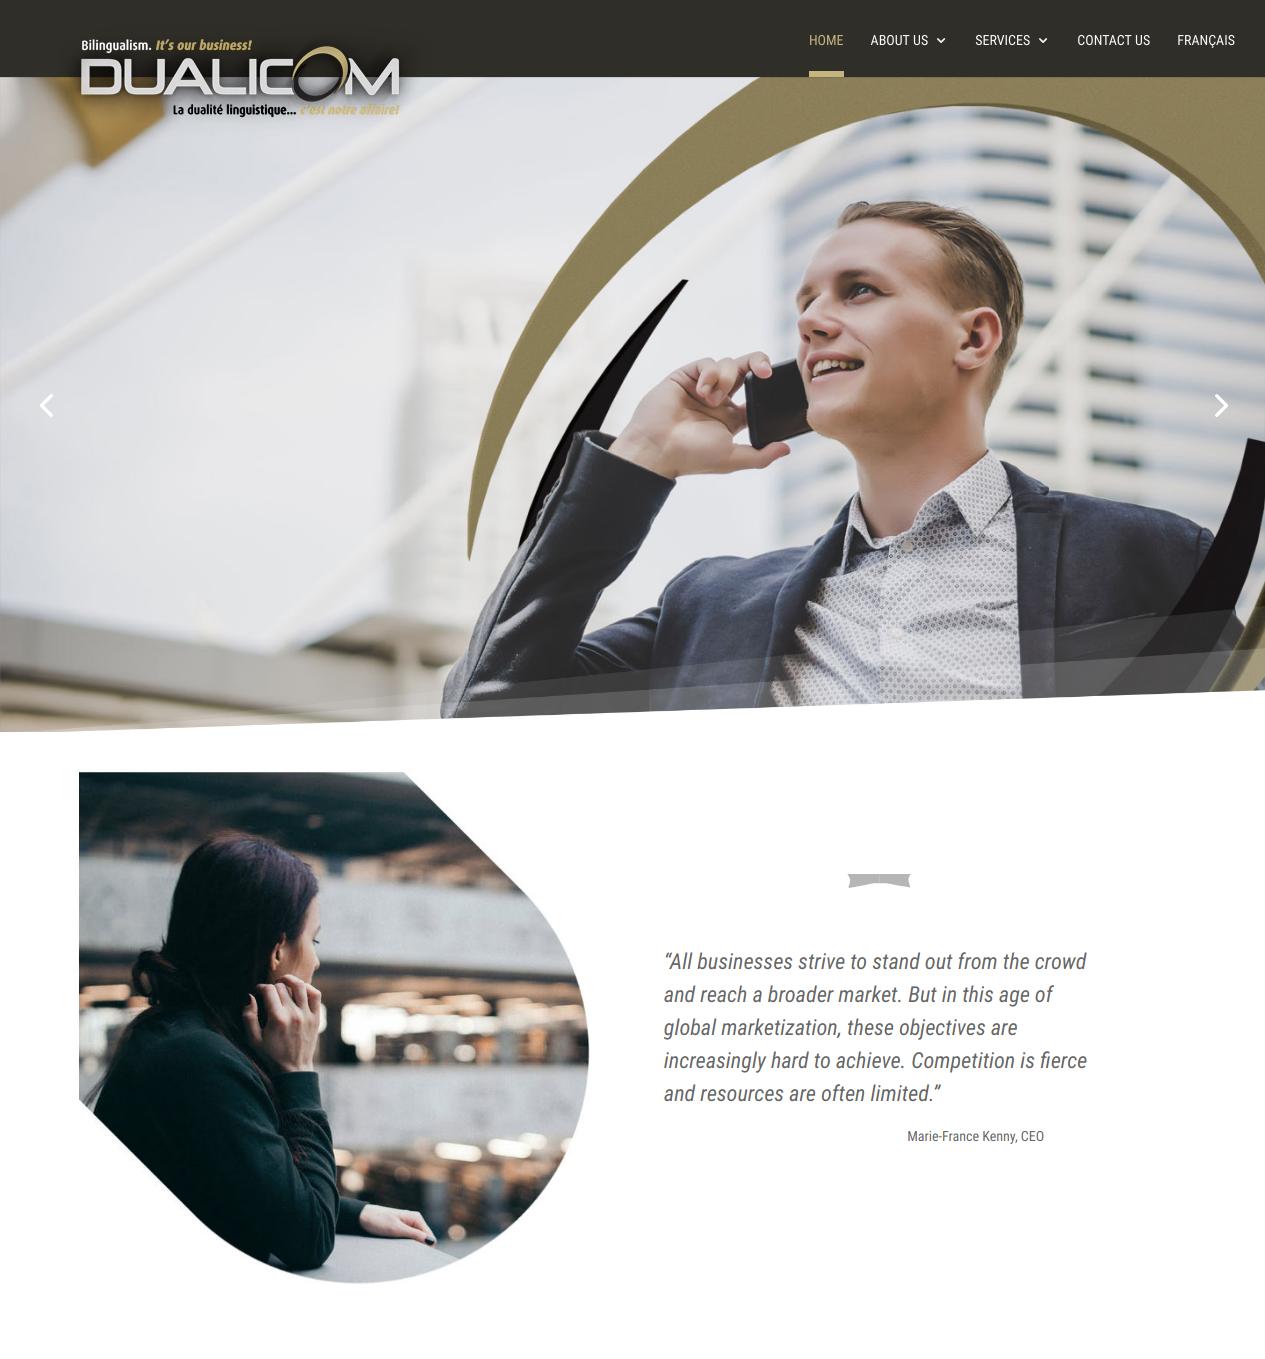 Dualicom Homepage (http://dualicom.ca)